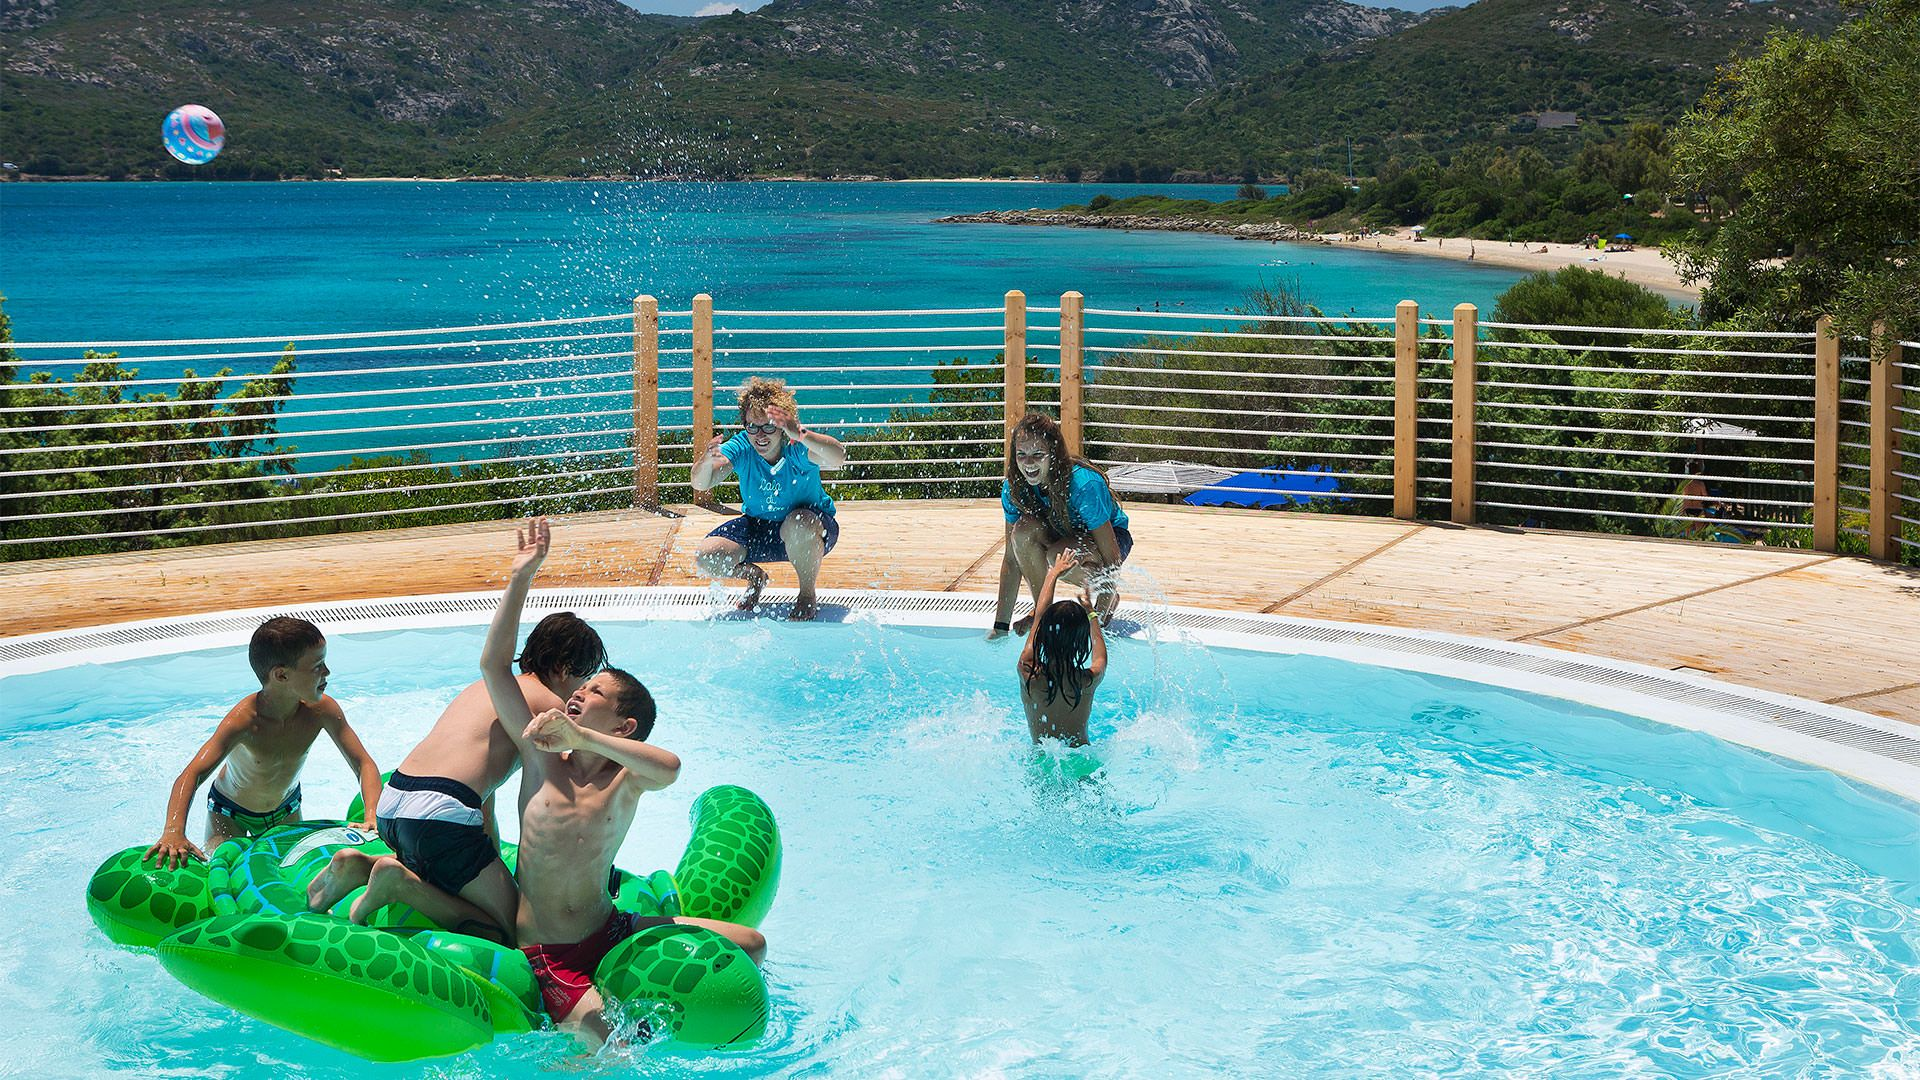 Delphina Un Hotel para familias en Palau Palau, Costa Smeralda Cerdena - Italia